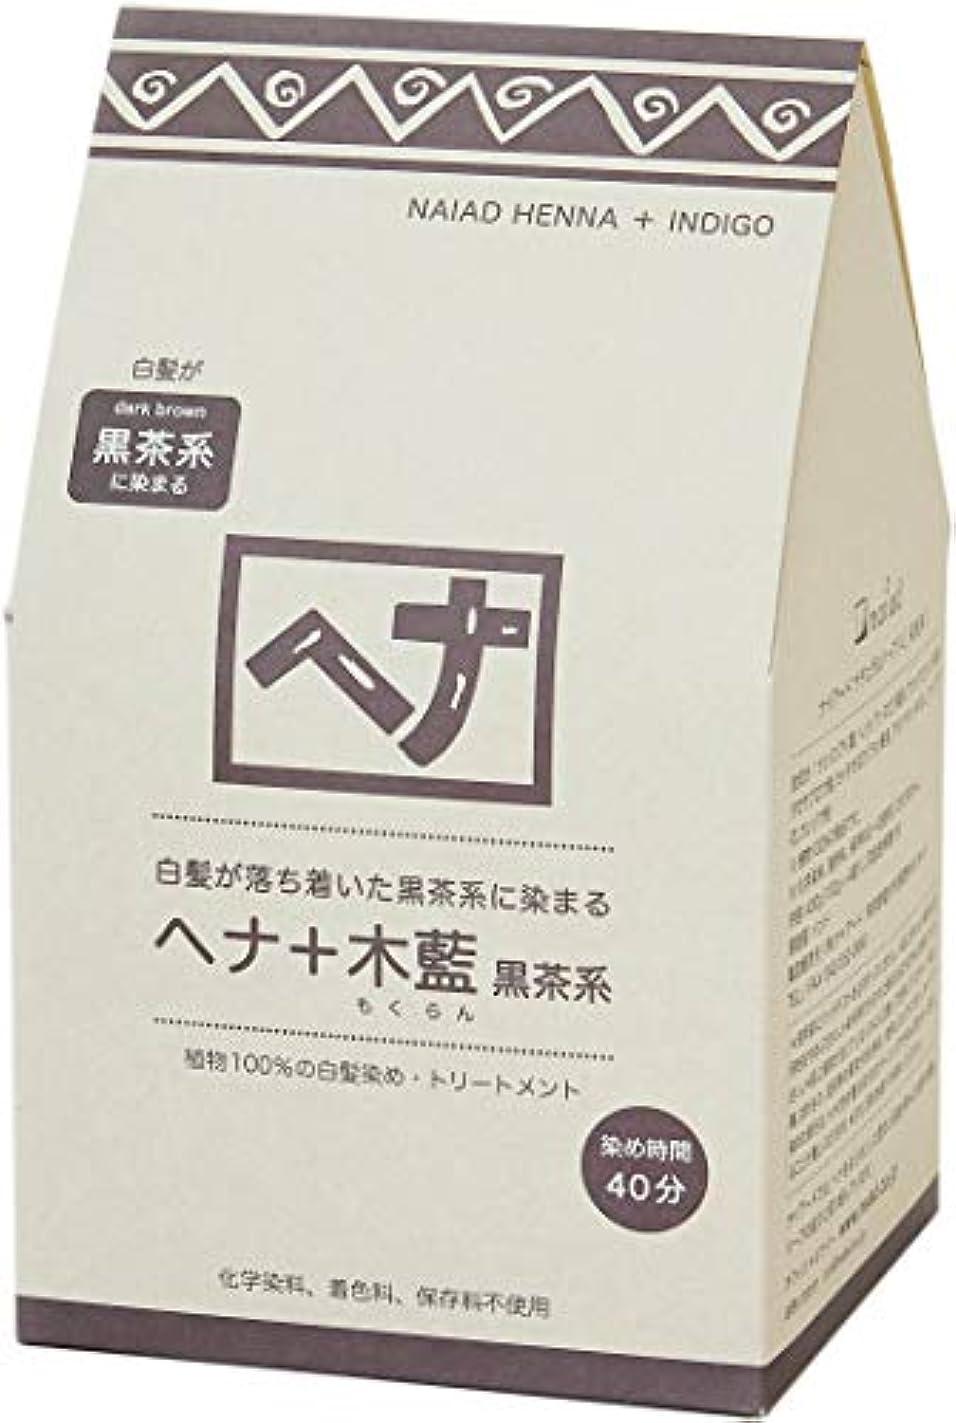 書き込み黙認する脱走Naiad(ナイアード) ヘナ+木藍 黒茶系 400g